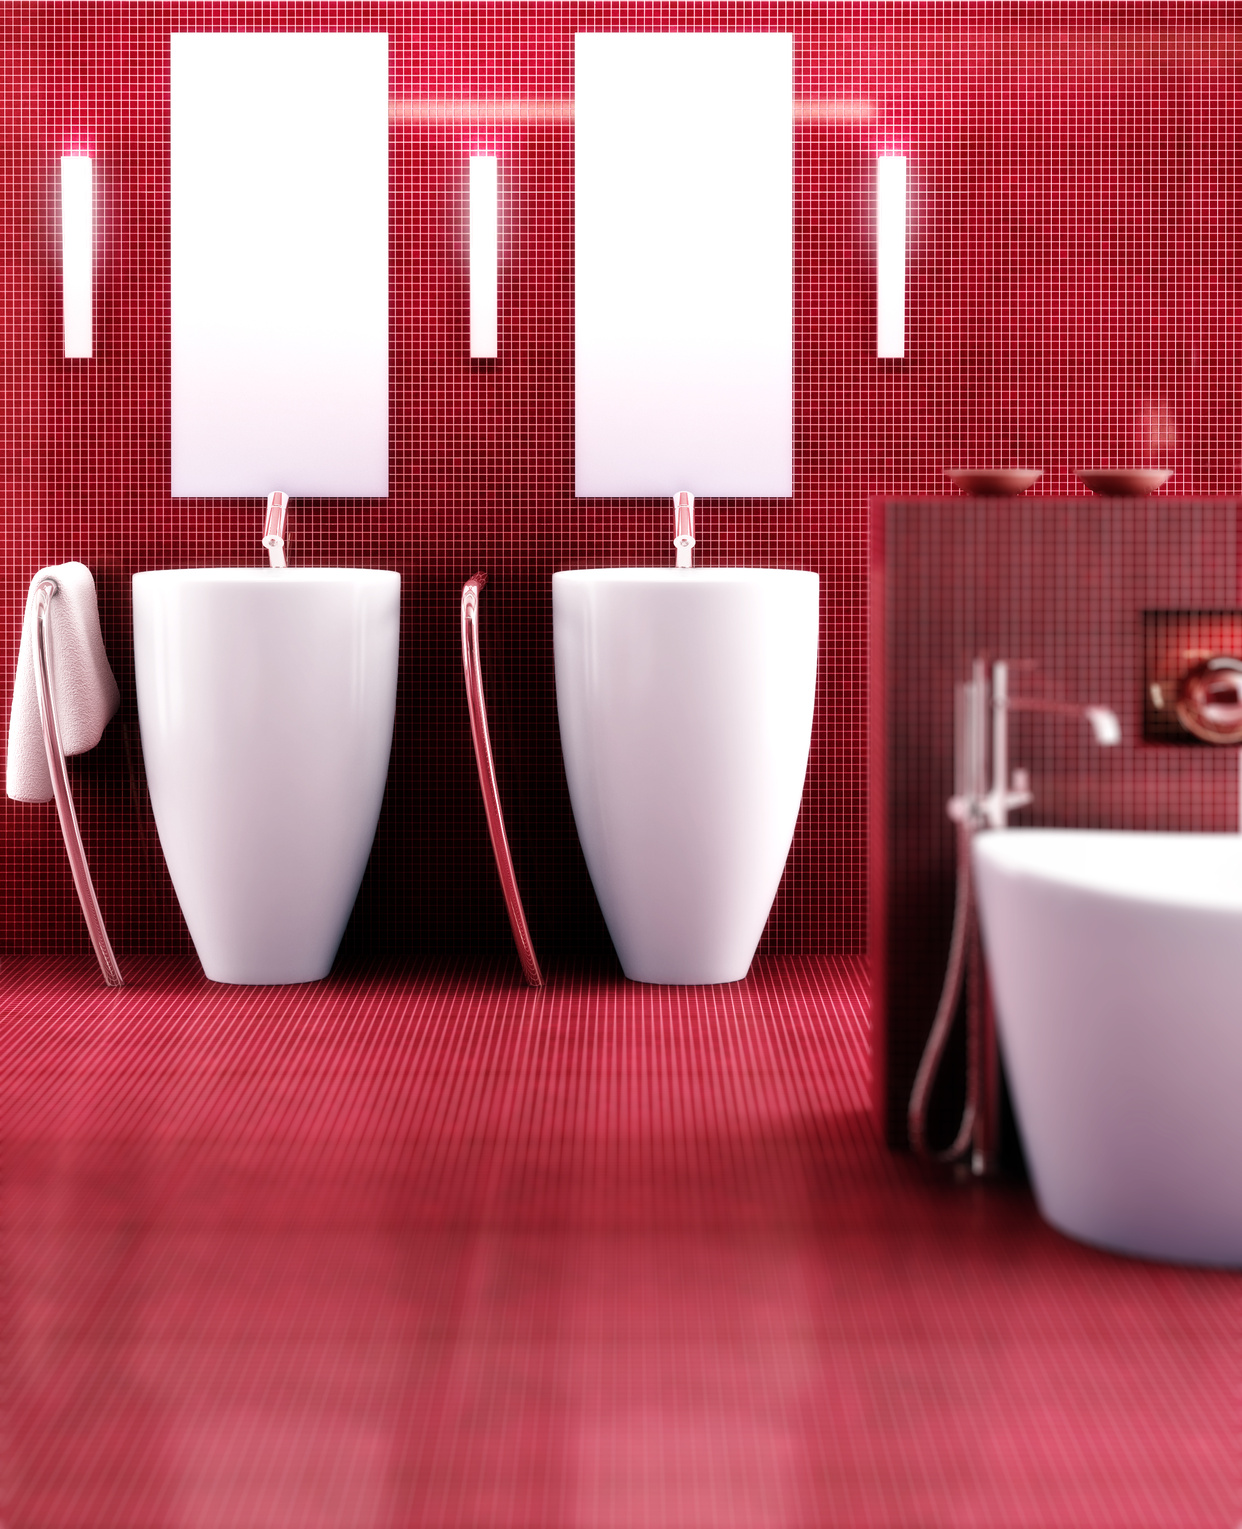 tipps f r die badezimmerbeleuchtung grundlicht und akzente scholl karg gmbh. Black Bedroom Furniture Sets. Home Design Ideas